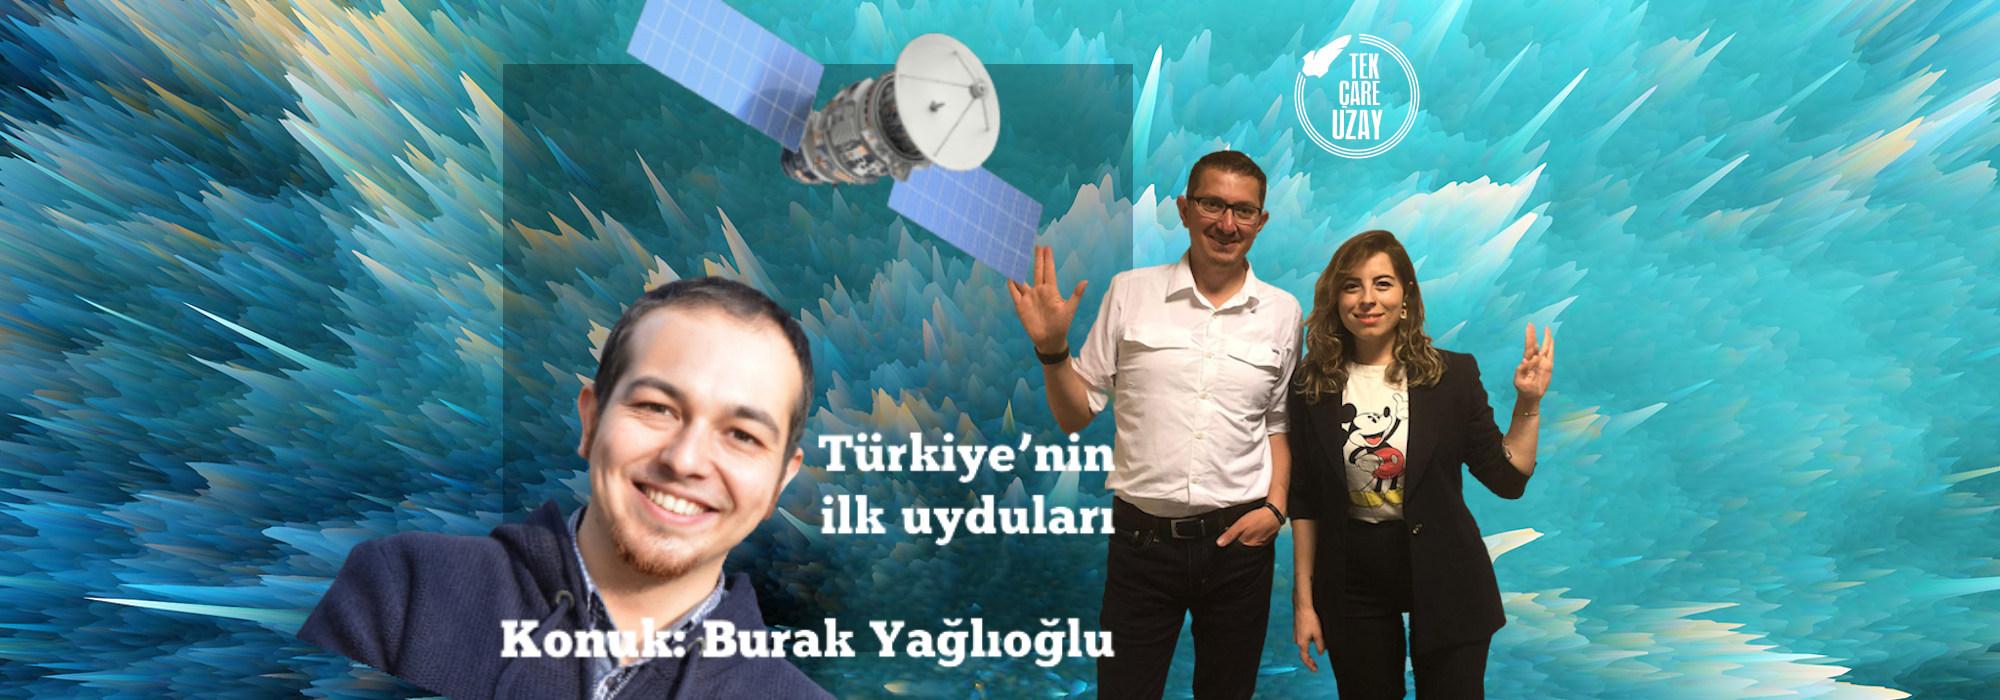 Tek Çare Uzay | Türkiye'nin ilk uyduları – Konuk: Burak Yağlıoğlu (Tübitak-Uzay)